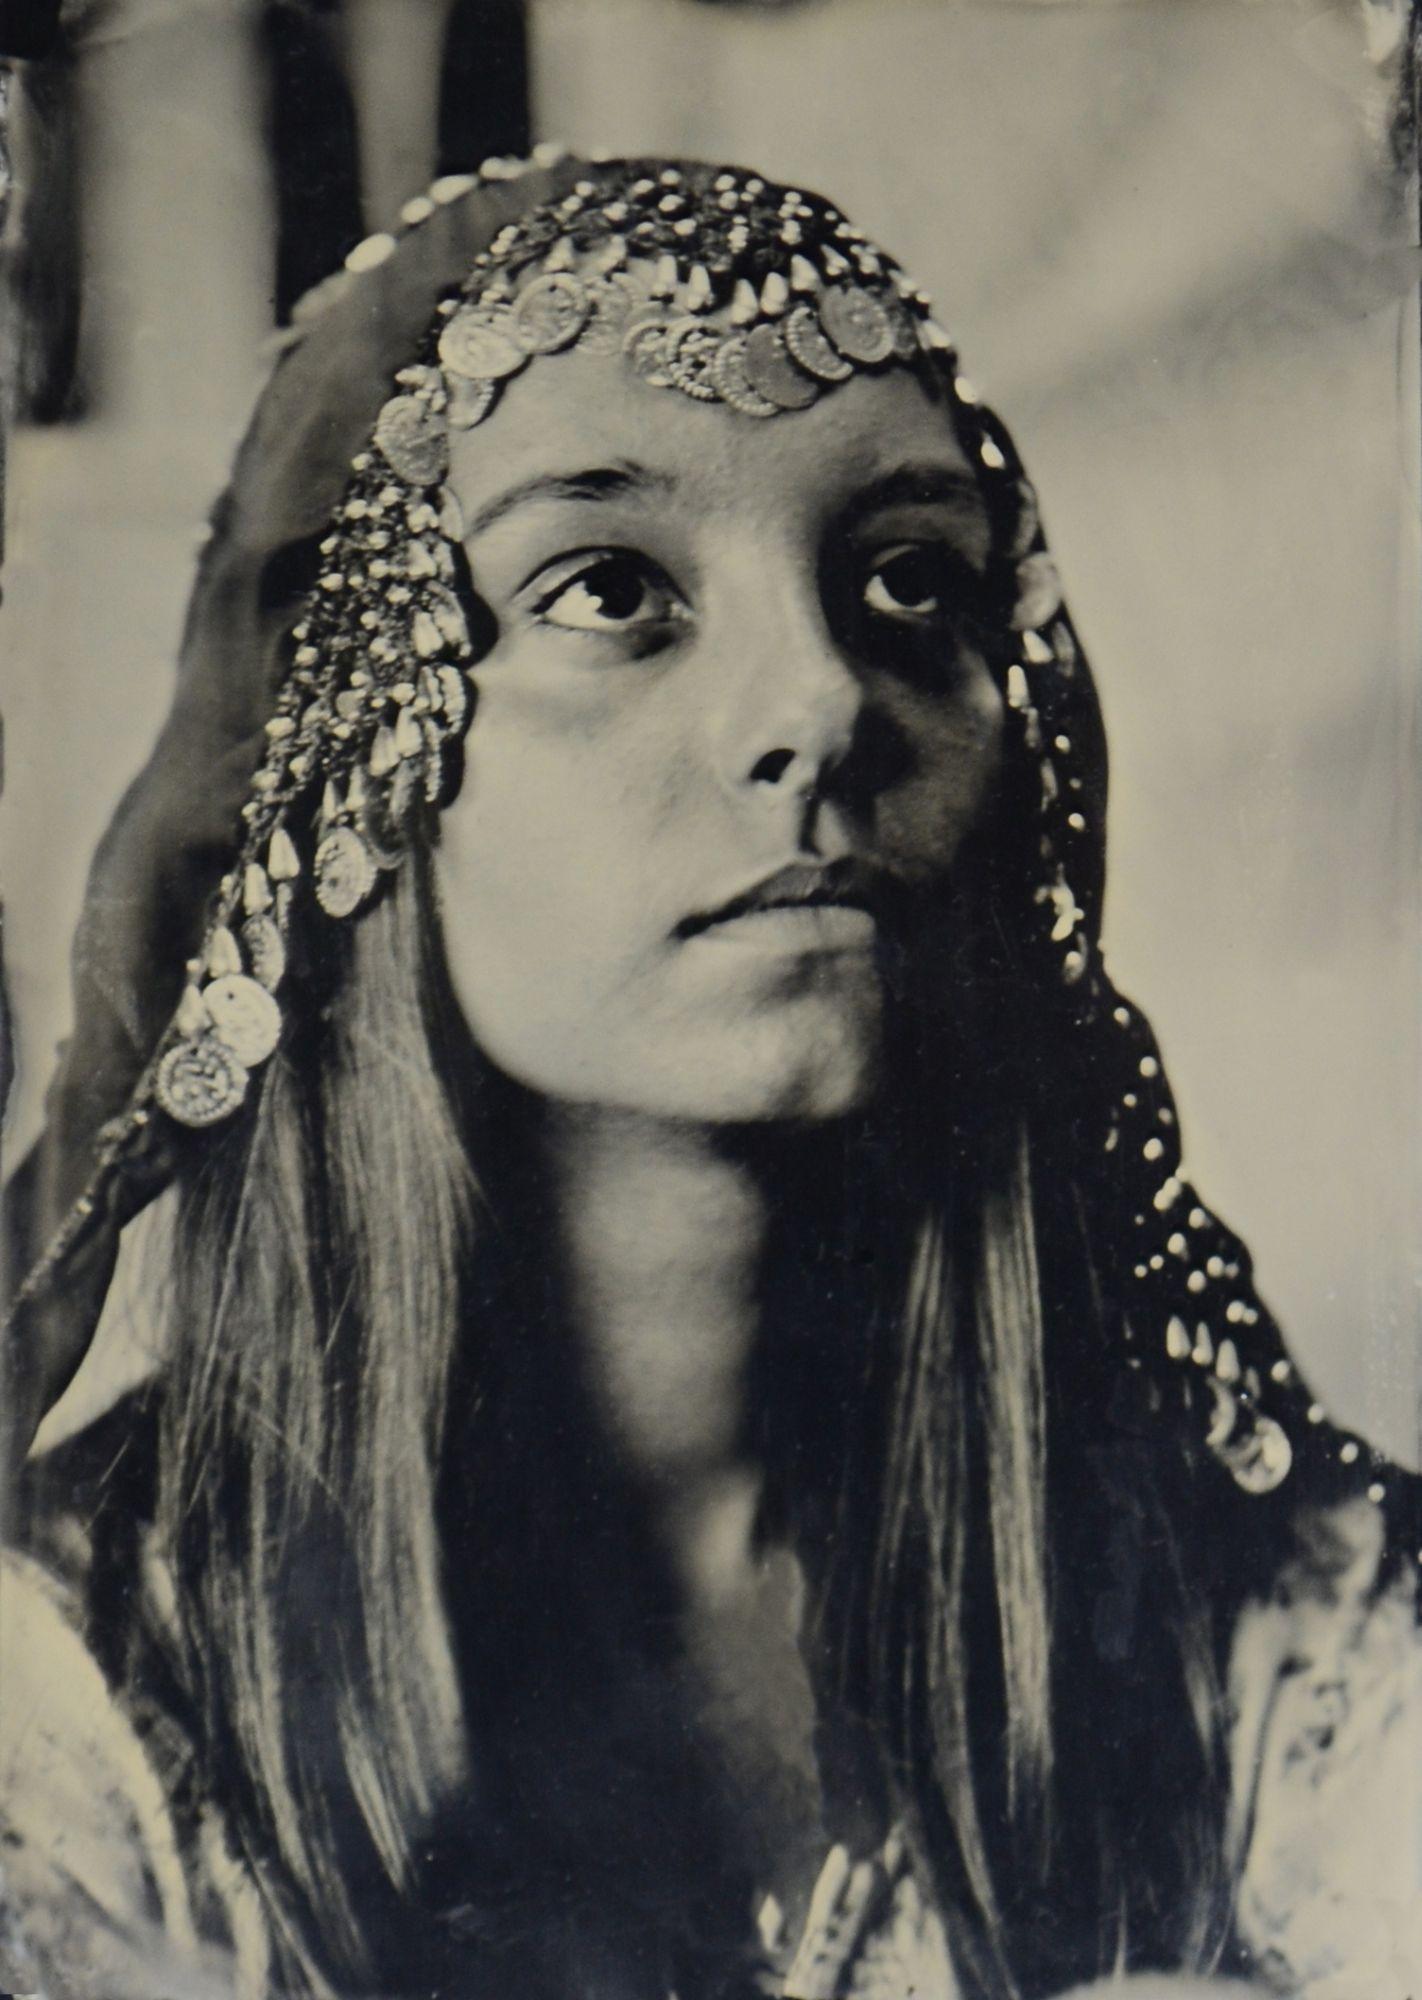 czarno-białe zdjęcie młodej kobiety